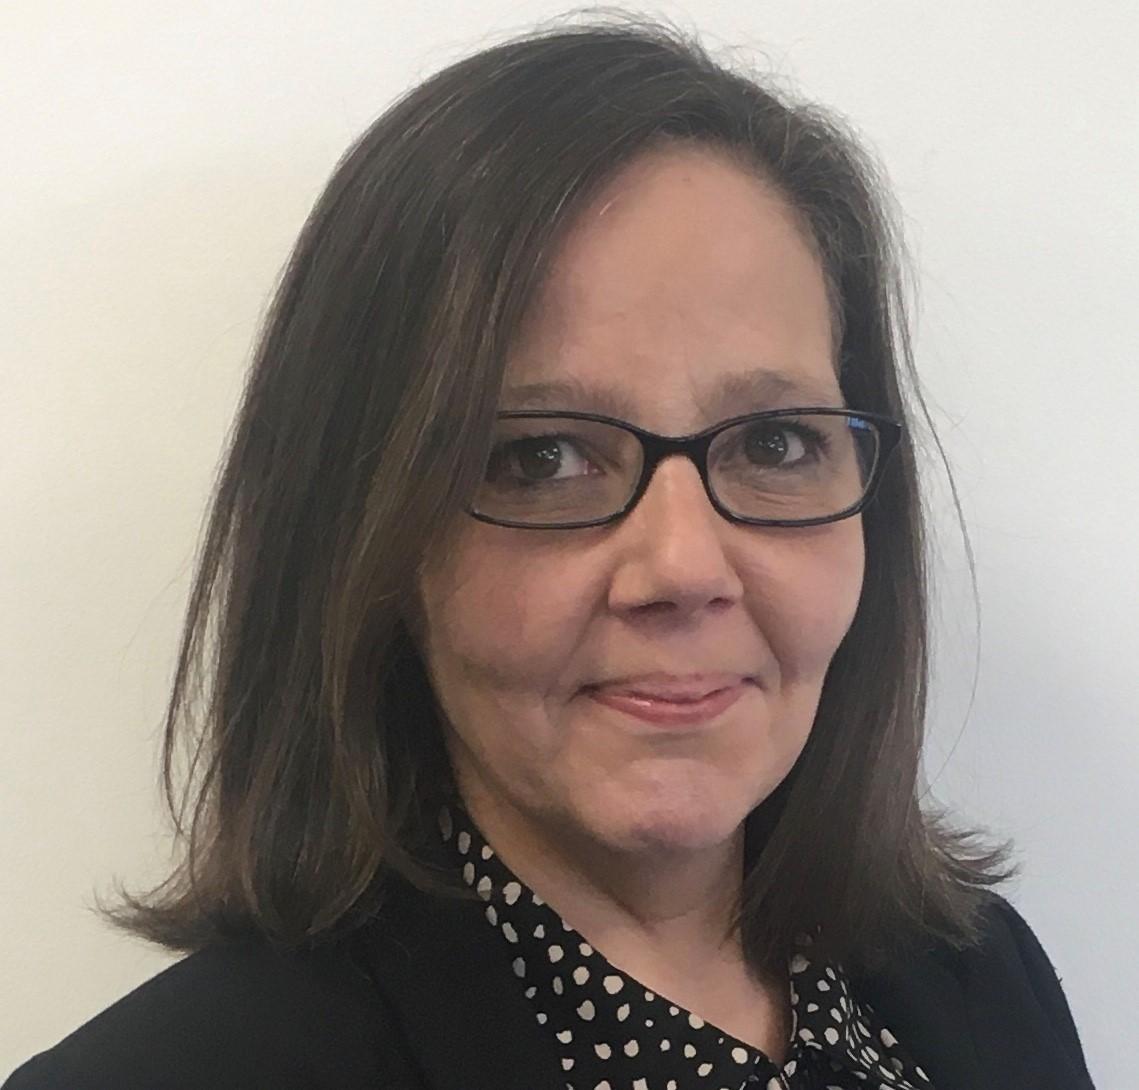 Leanne Walmsley Property Guardian Coordinator